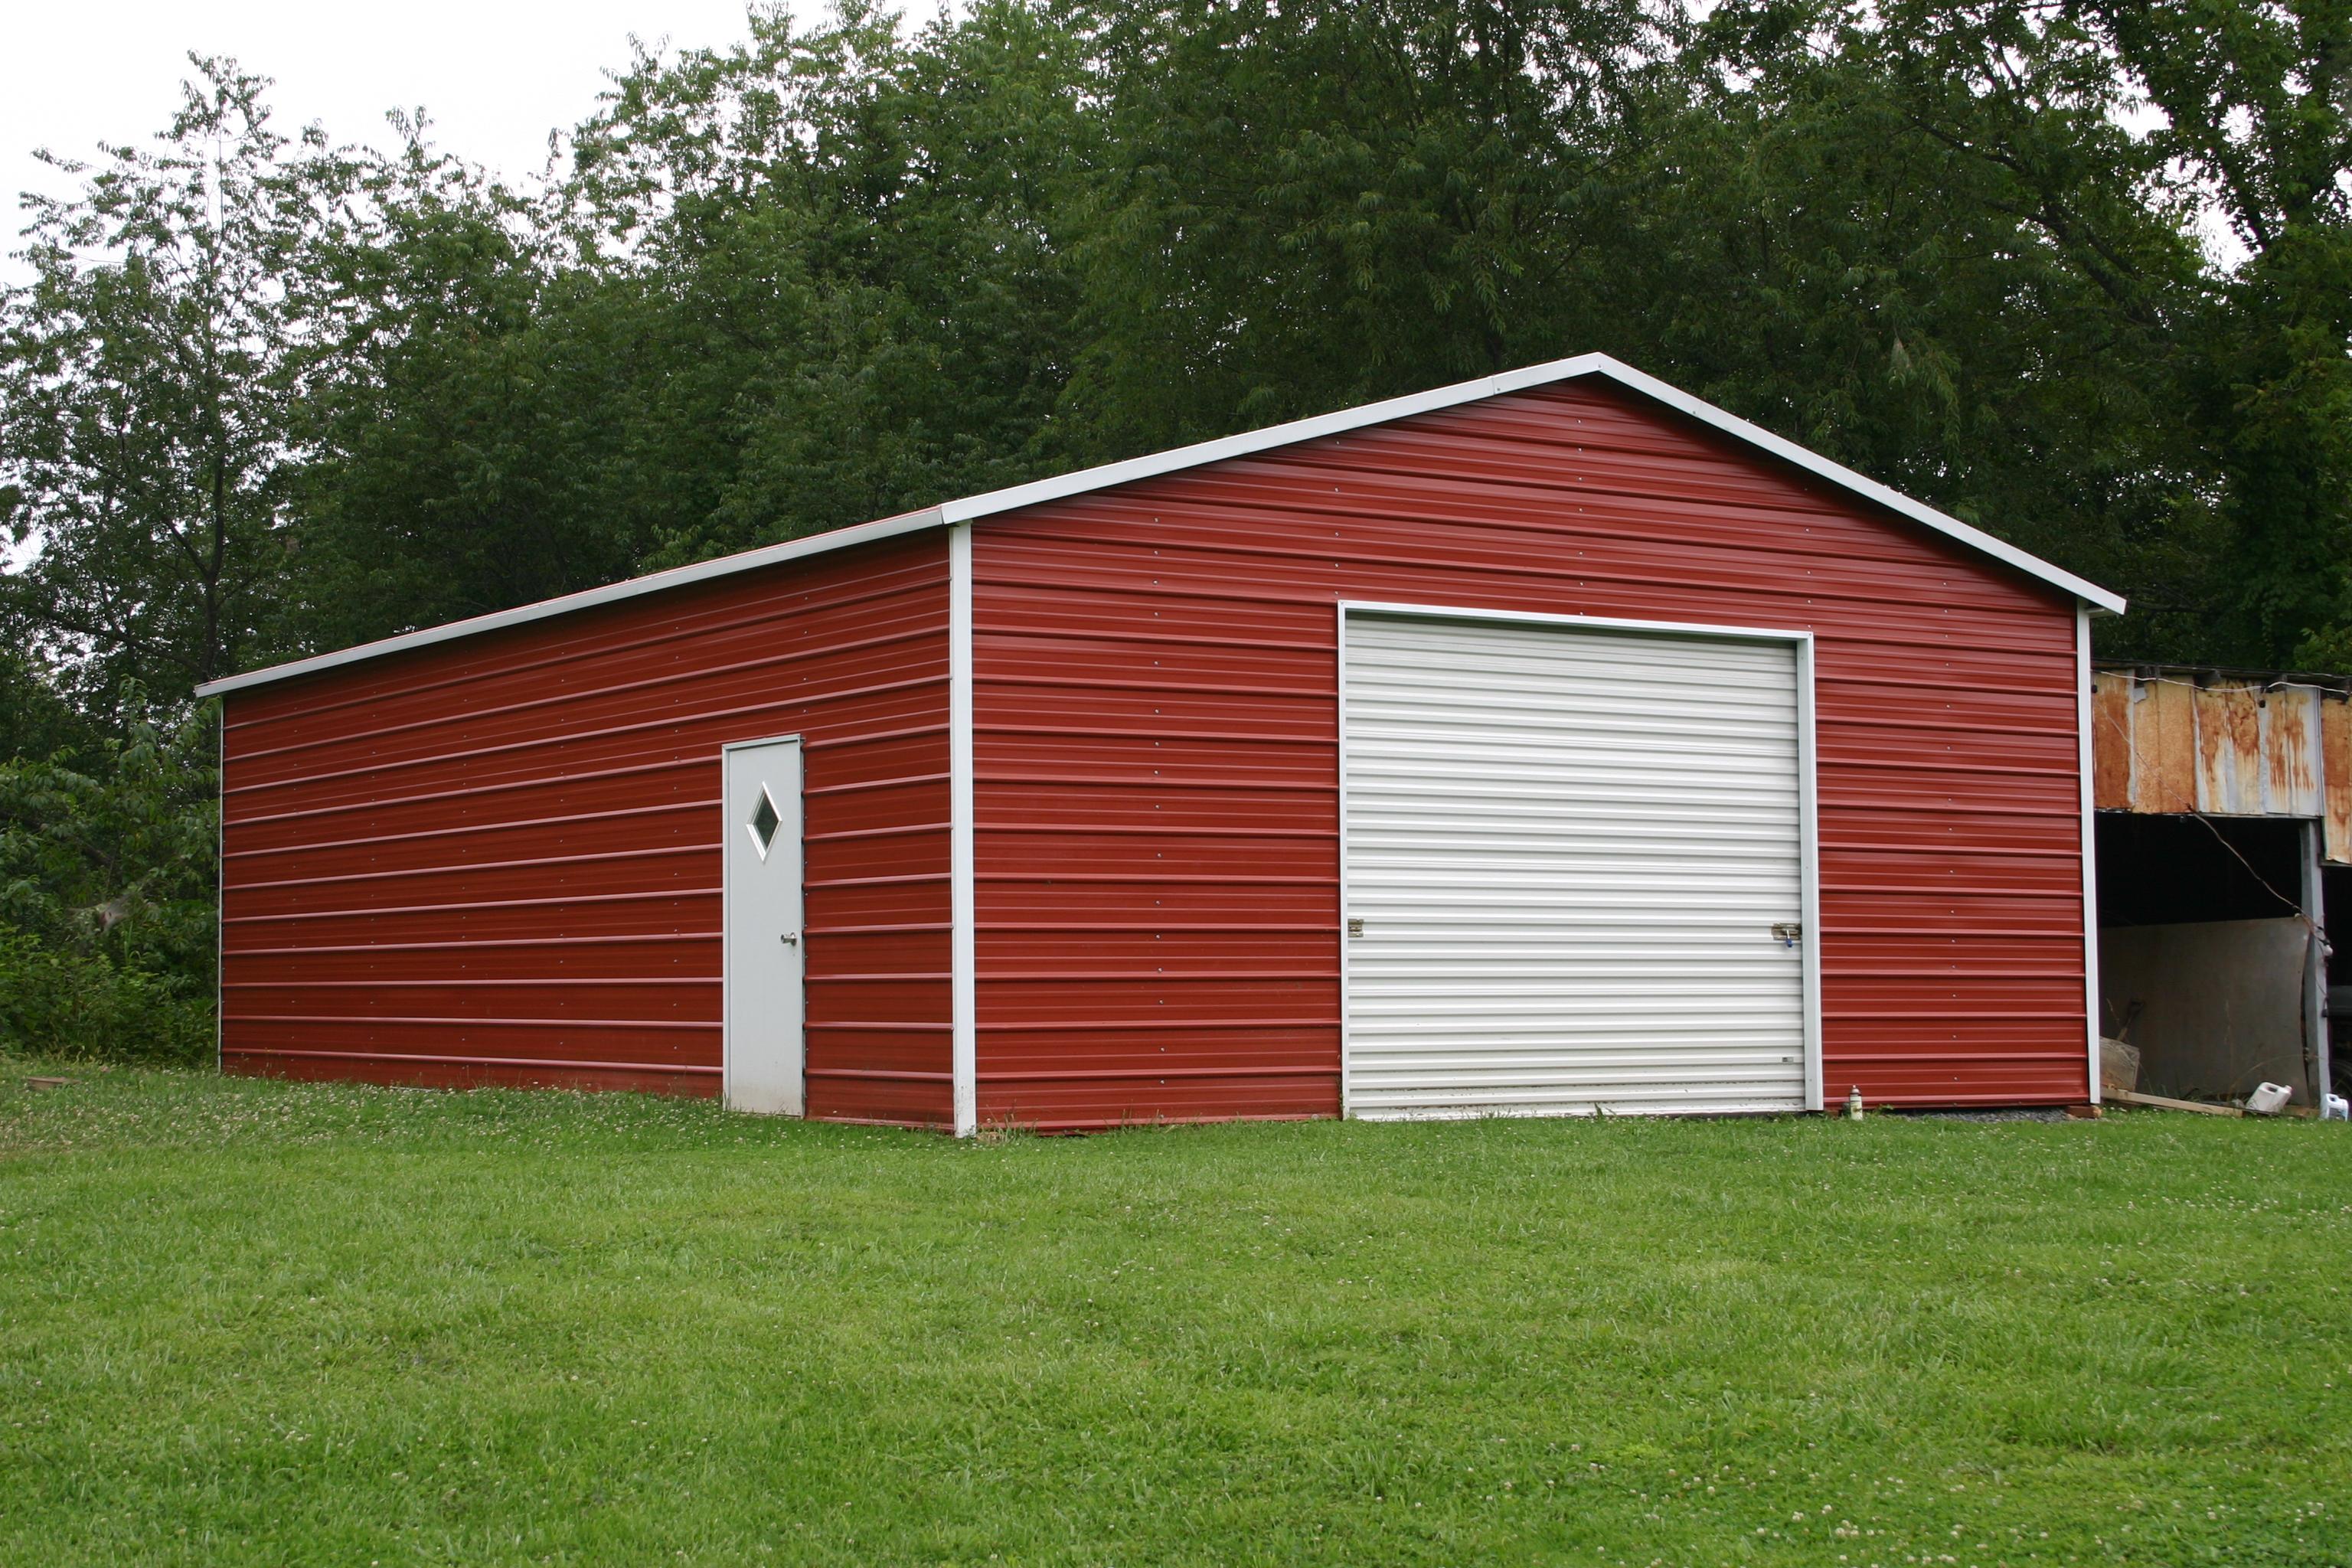 Metal Carports Halls Crossroads TN  Halls Crossroads Tennessee Carports